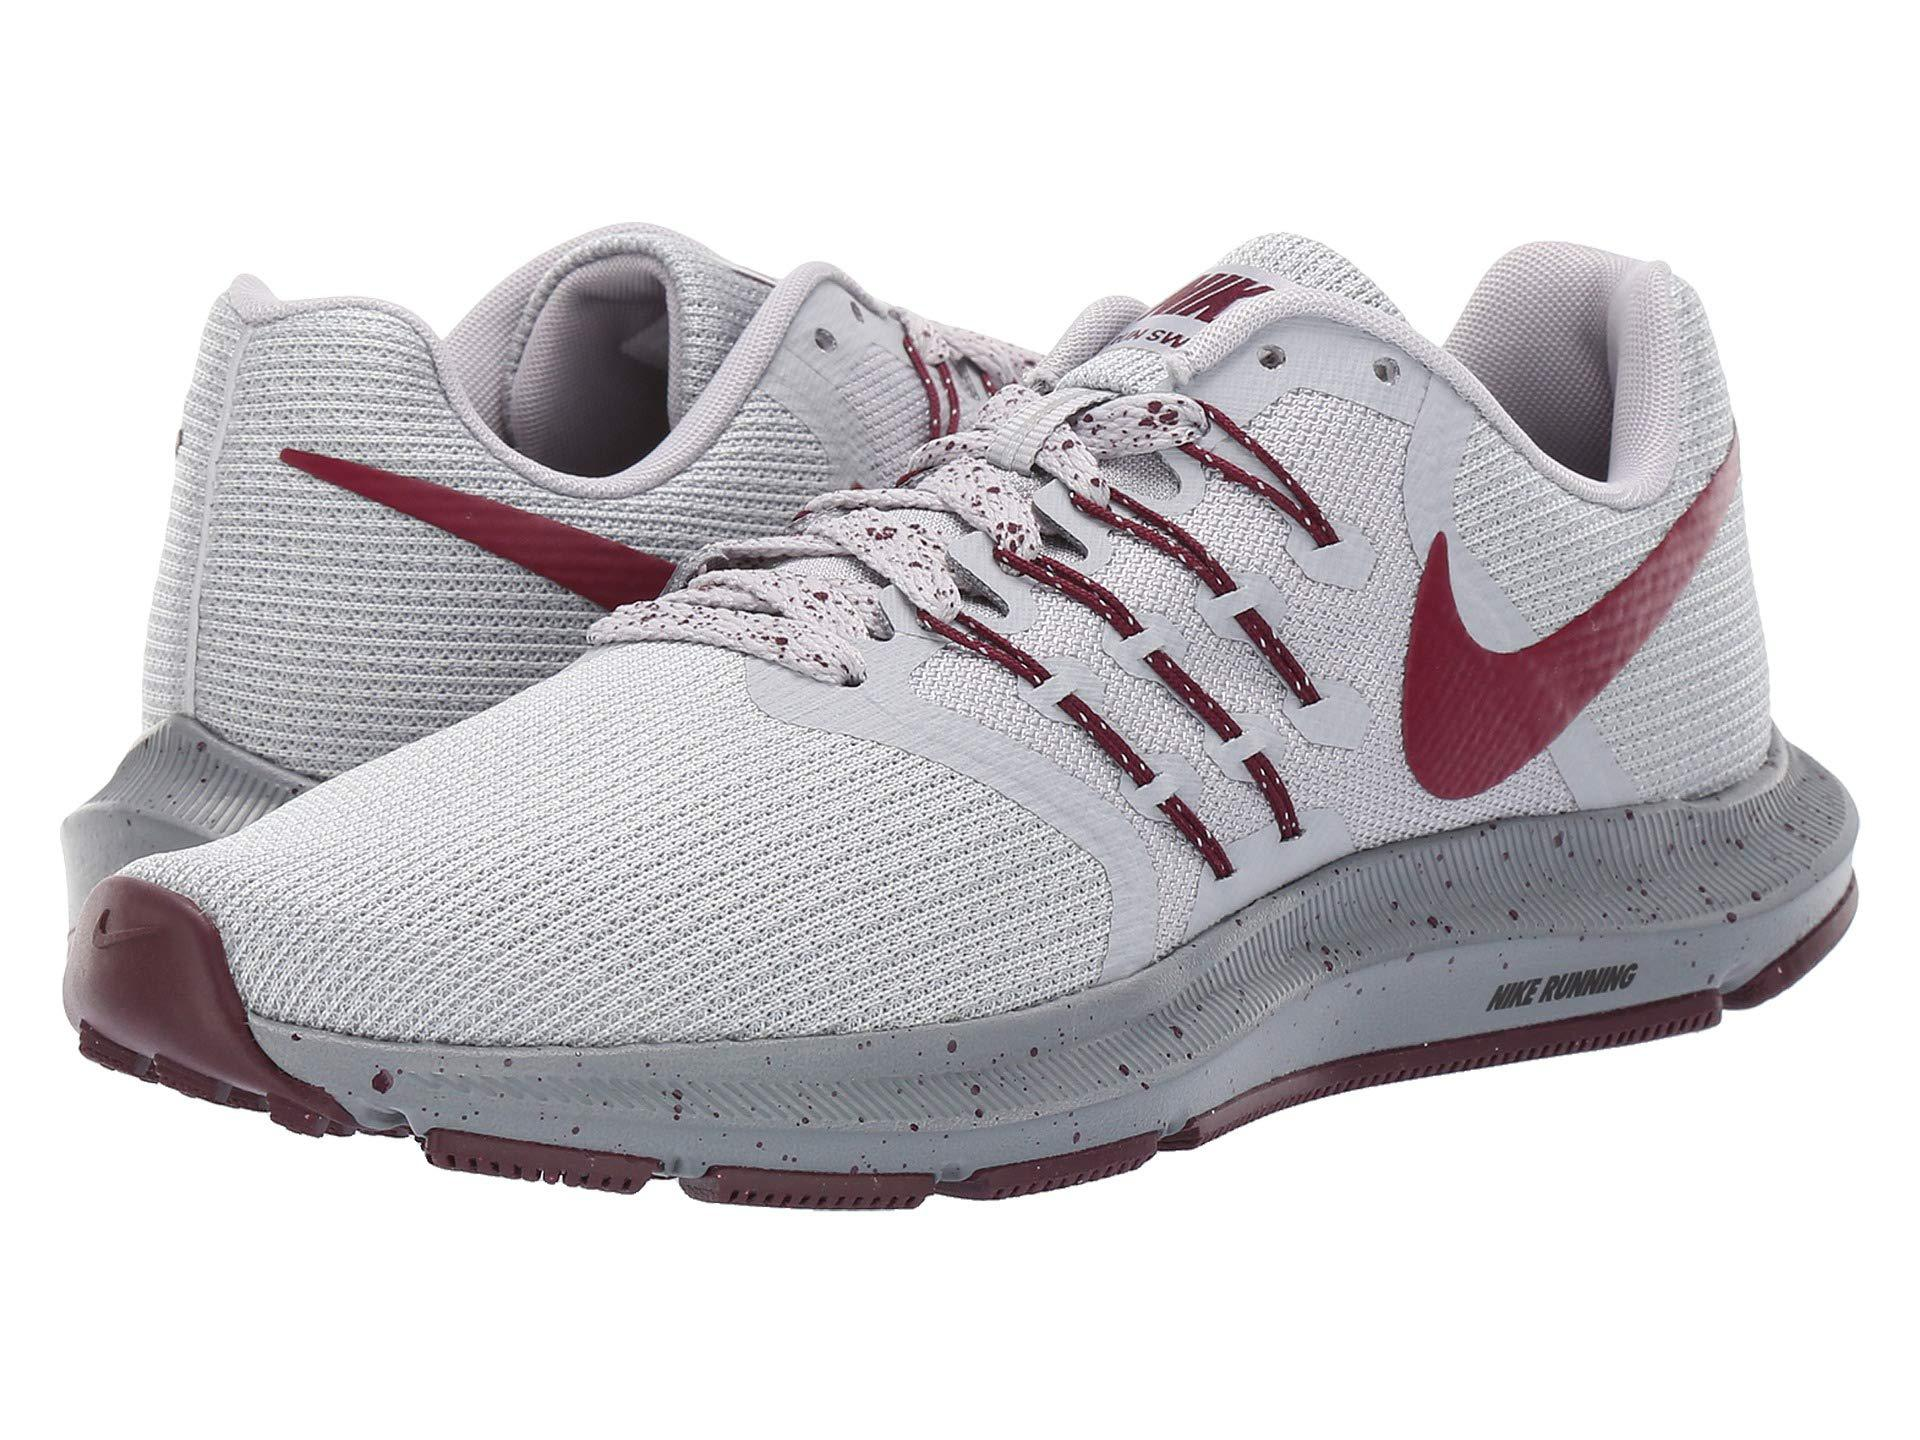 80f7b3cecb86d0 Nike Run Swift Women S Running Shoes Pink Gunsmoke - Image Of Shoes